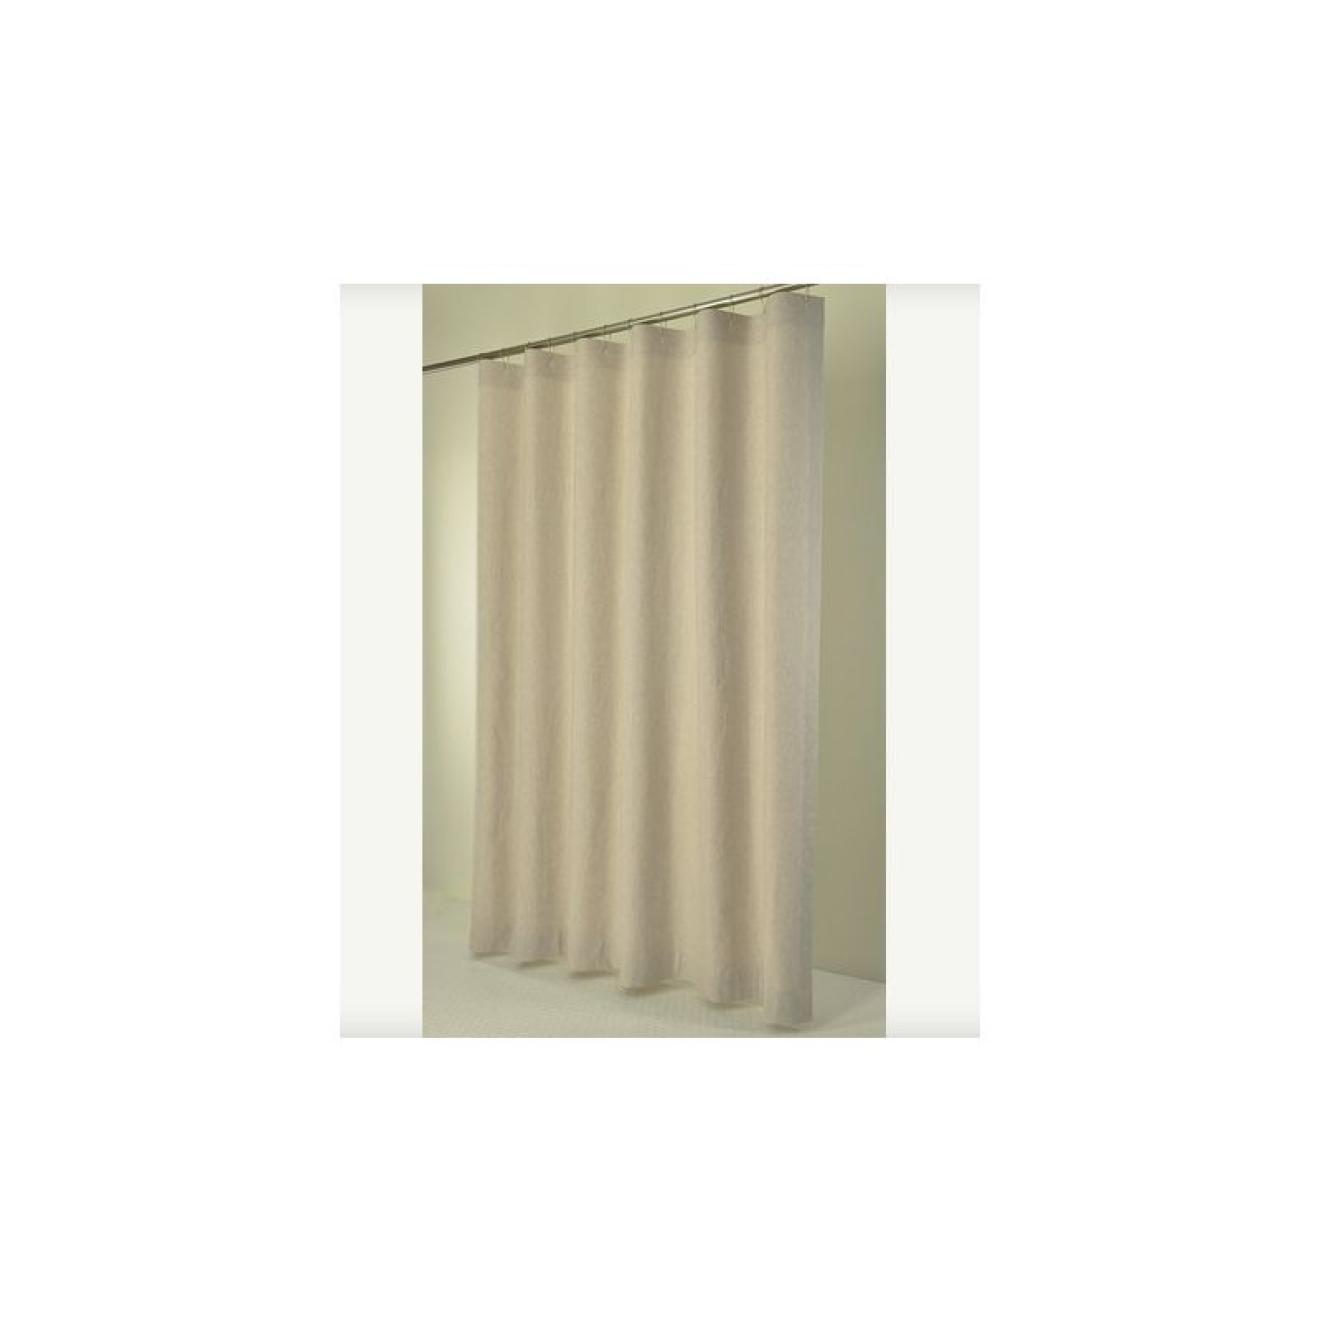 textil duschvorhang leinen baumwolle rot in vielen gr en und sonderma en und. Black Bedroom Furniture Sets. Home Design Ideas